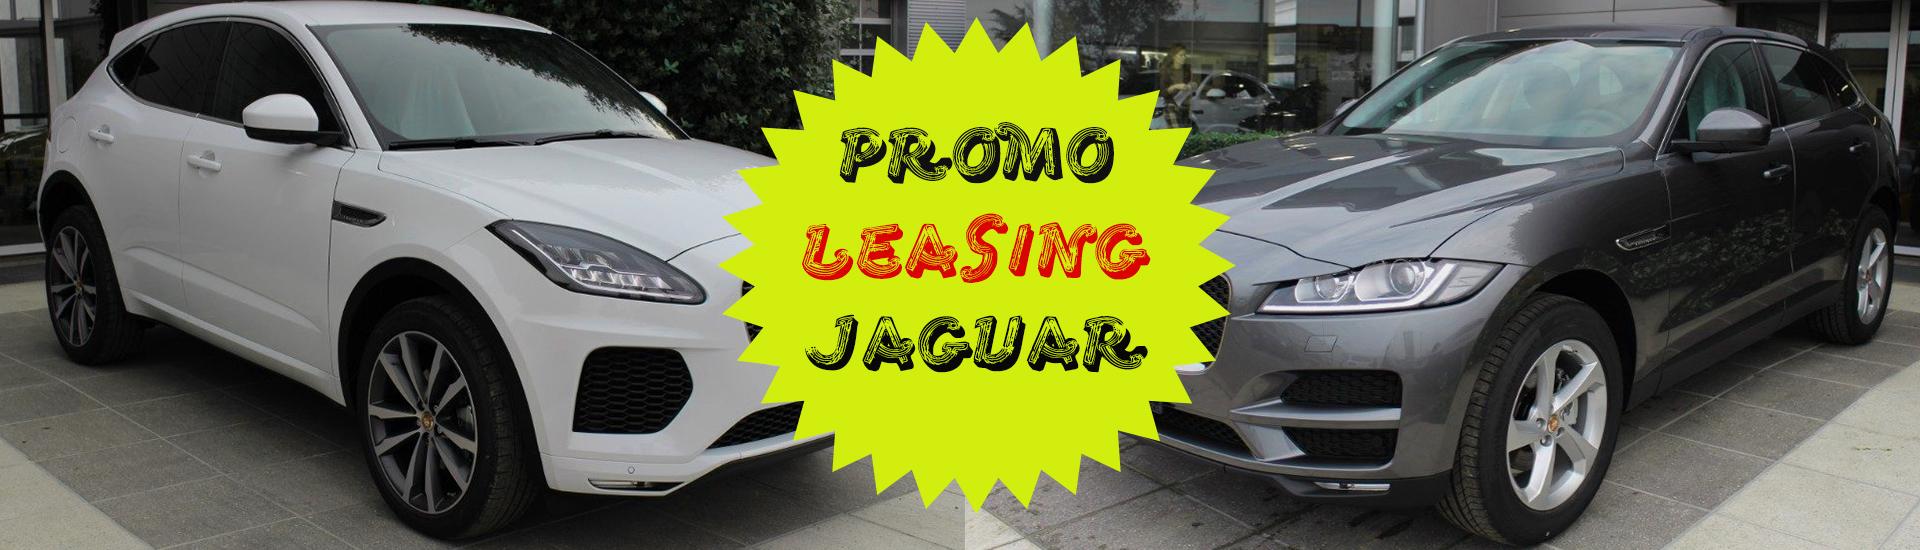 pleasing-promozione-jaguara